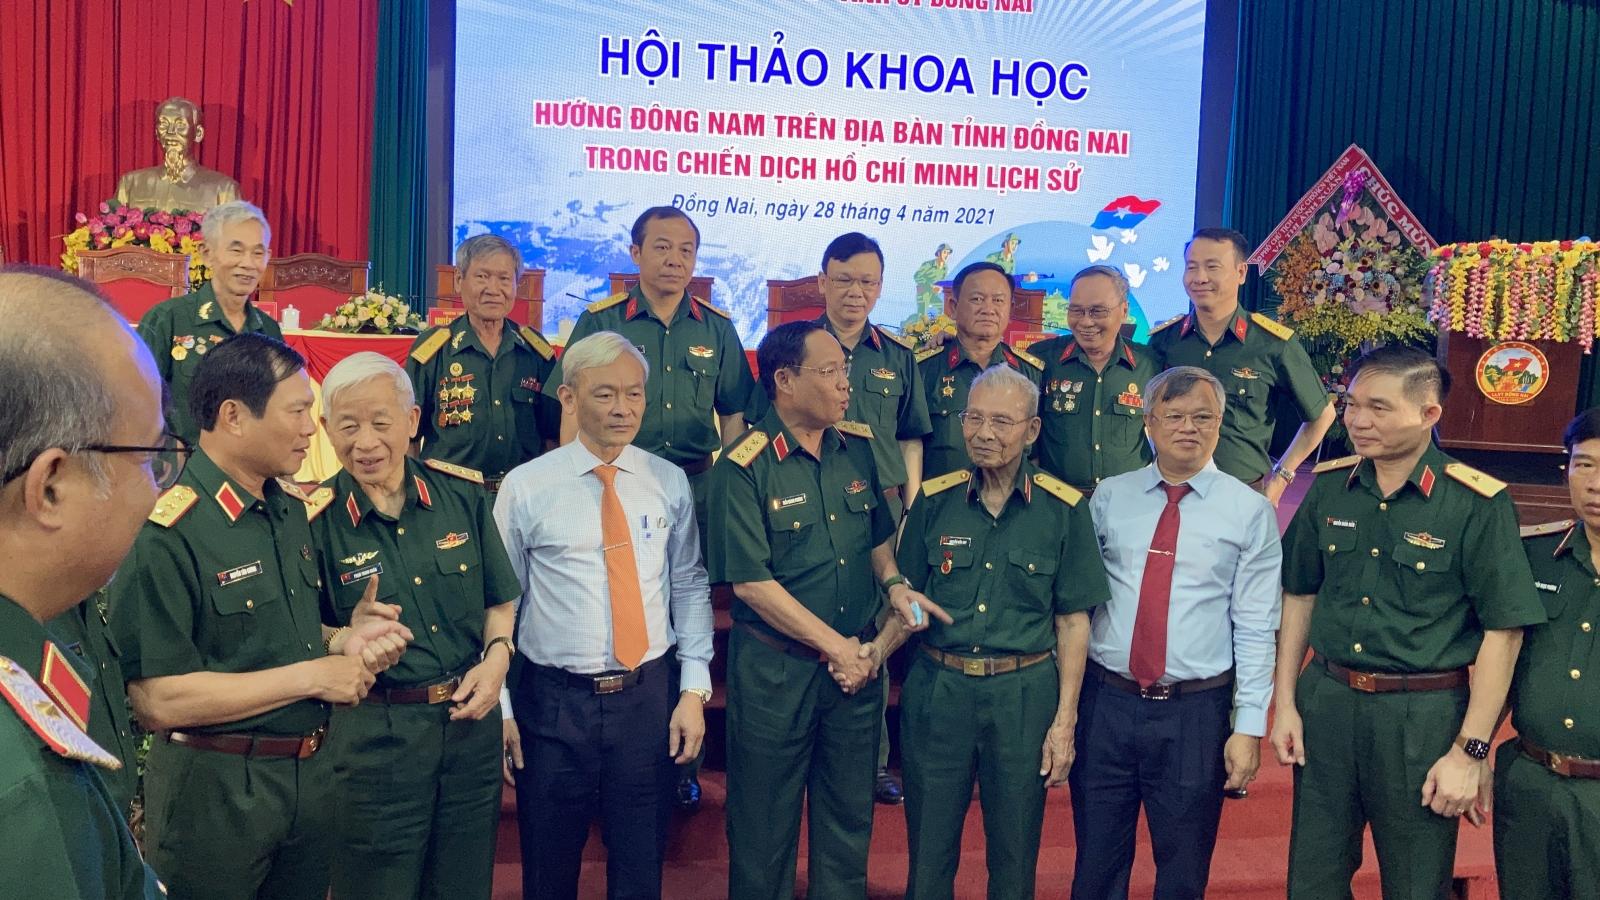 Mũi tiến công hướng Đông Nam trong chiến thắng 30/4 lịch sử